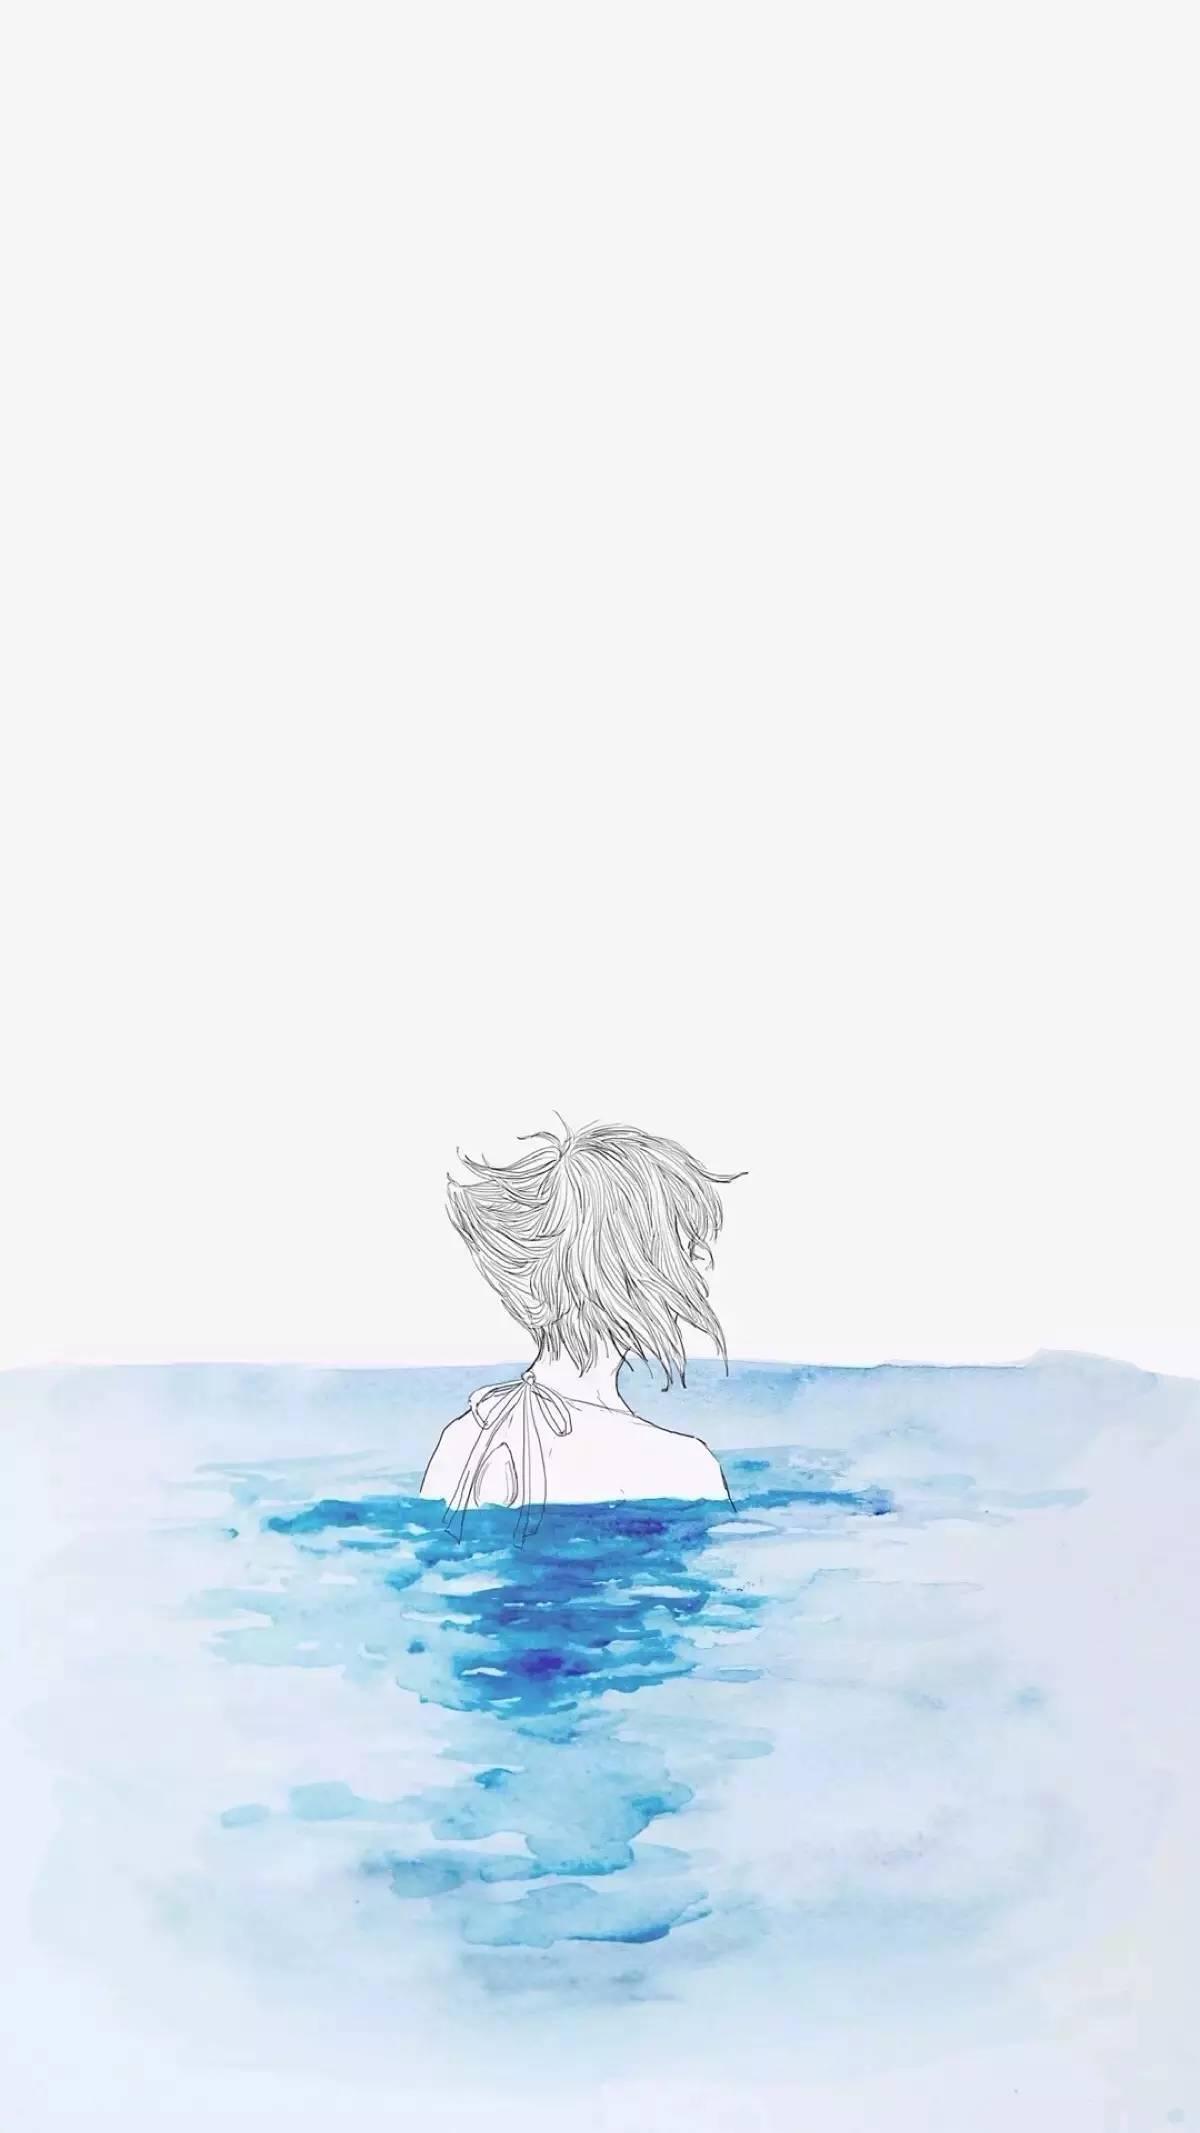 唯美爱情语录带图片_伤感唯美爱情带字图片